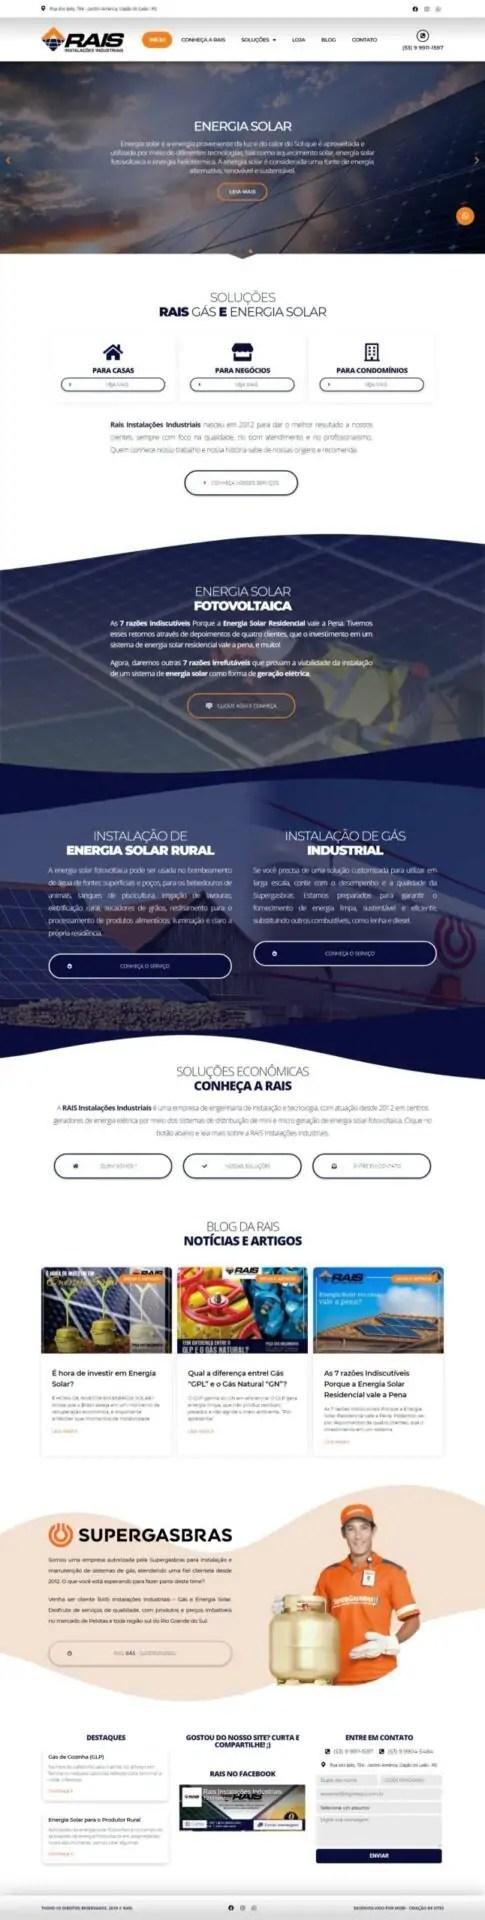 Captura da Web_9-2-2021_201619_www.rais.net.br